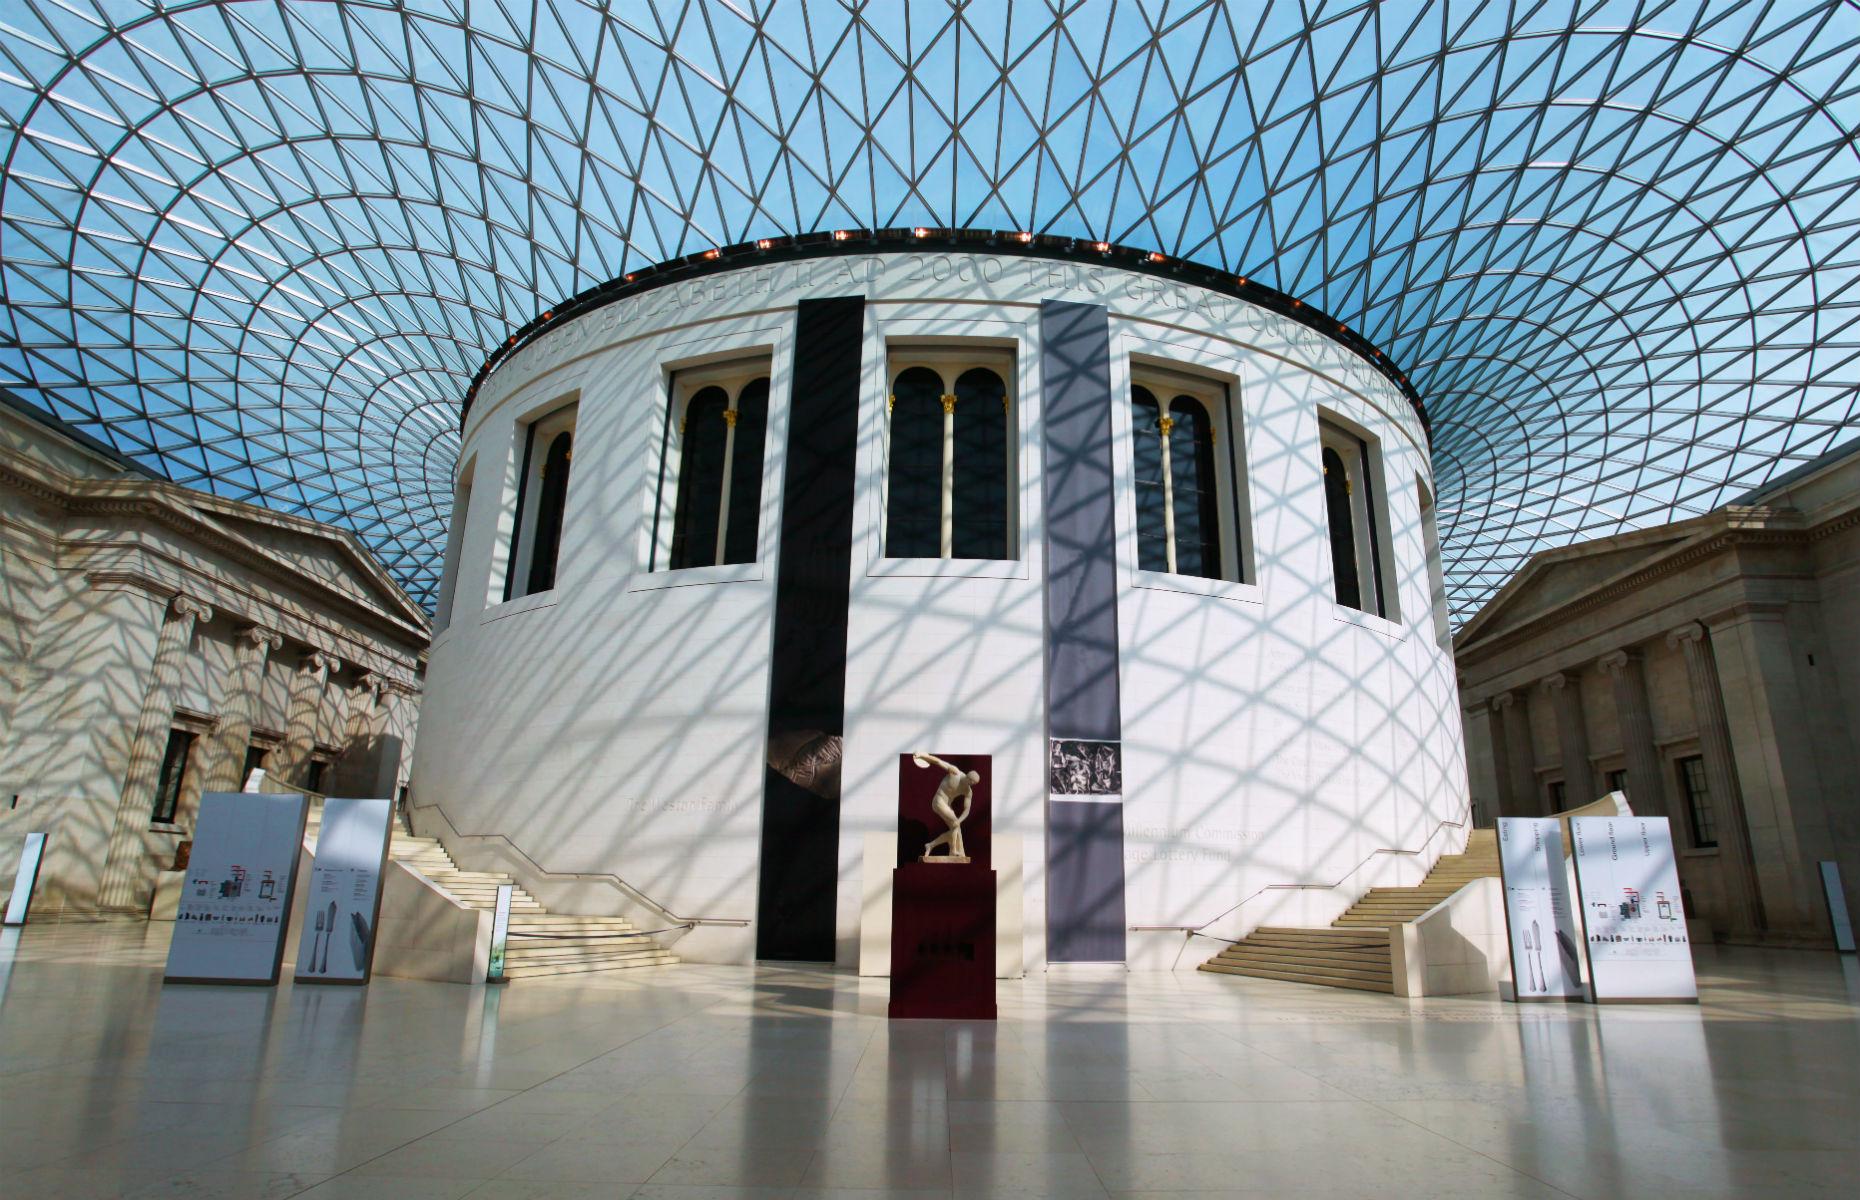 British Museum exterior (Image: Dan Breckwoldt/Shutterstock)